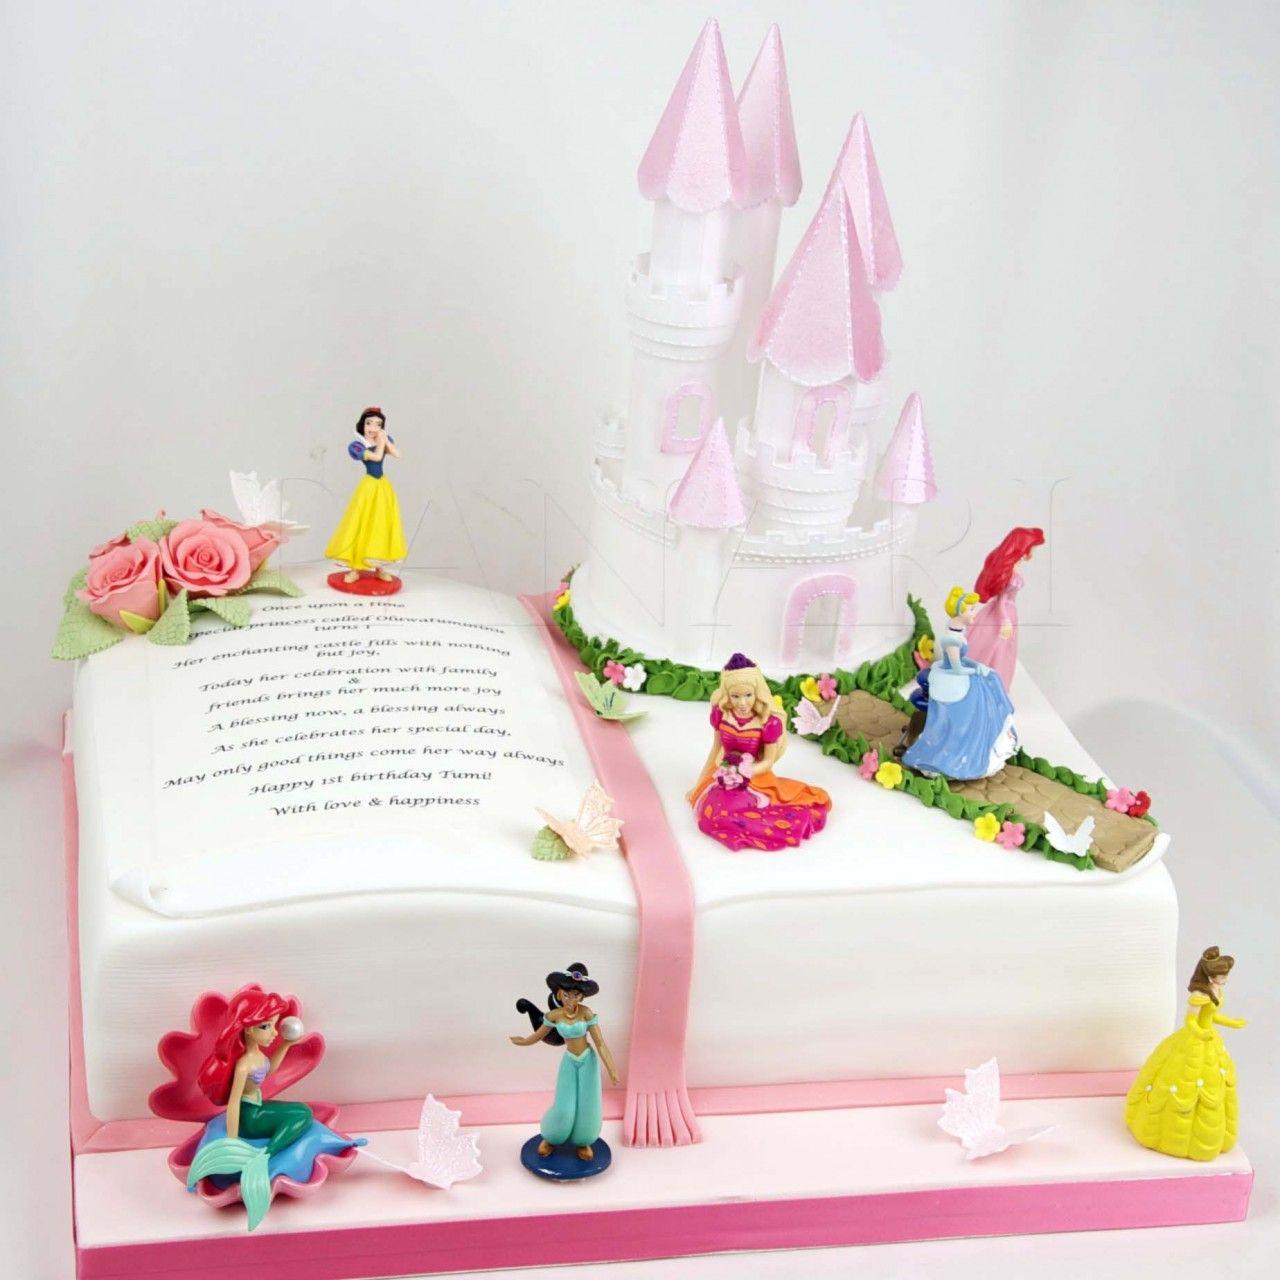 Princess Story Book Cake Bk0028 Panari Cakes Disney Books Stories